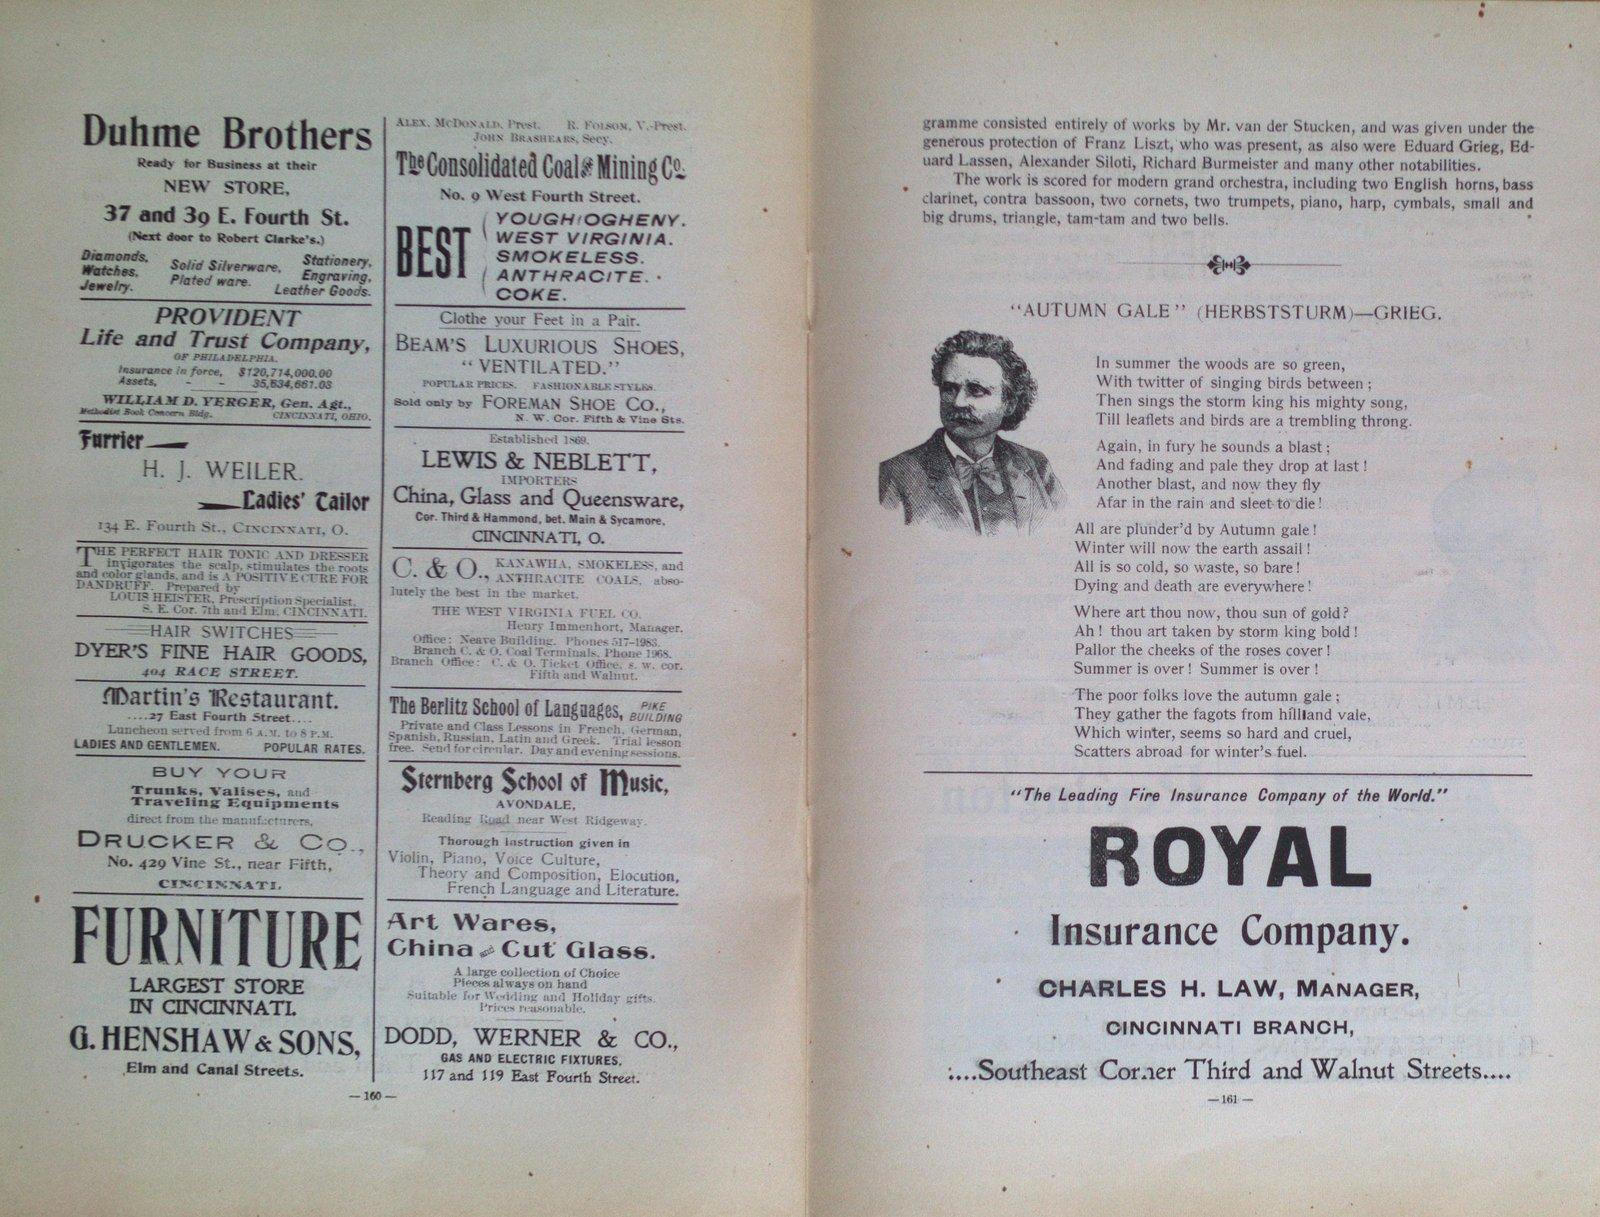 Teresa Vanderburgh's Musical Scrapbook #2 - Cincinnati Symphony Orchestra